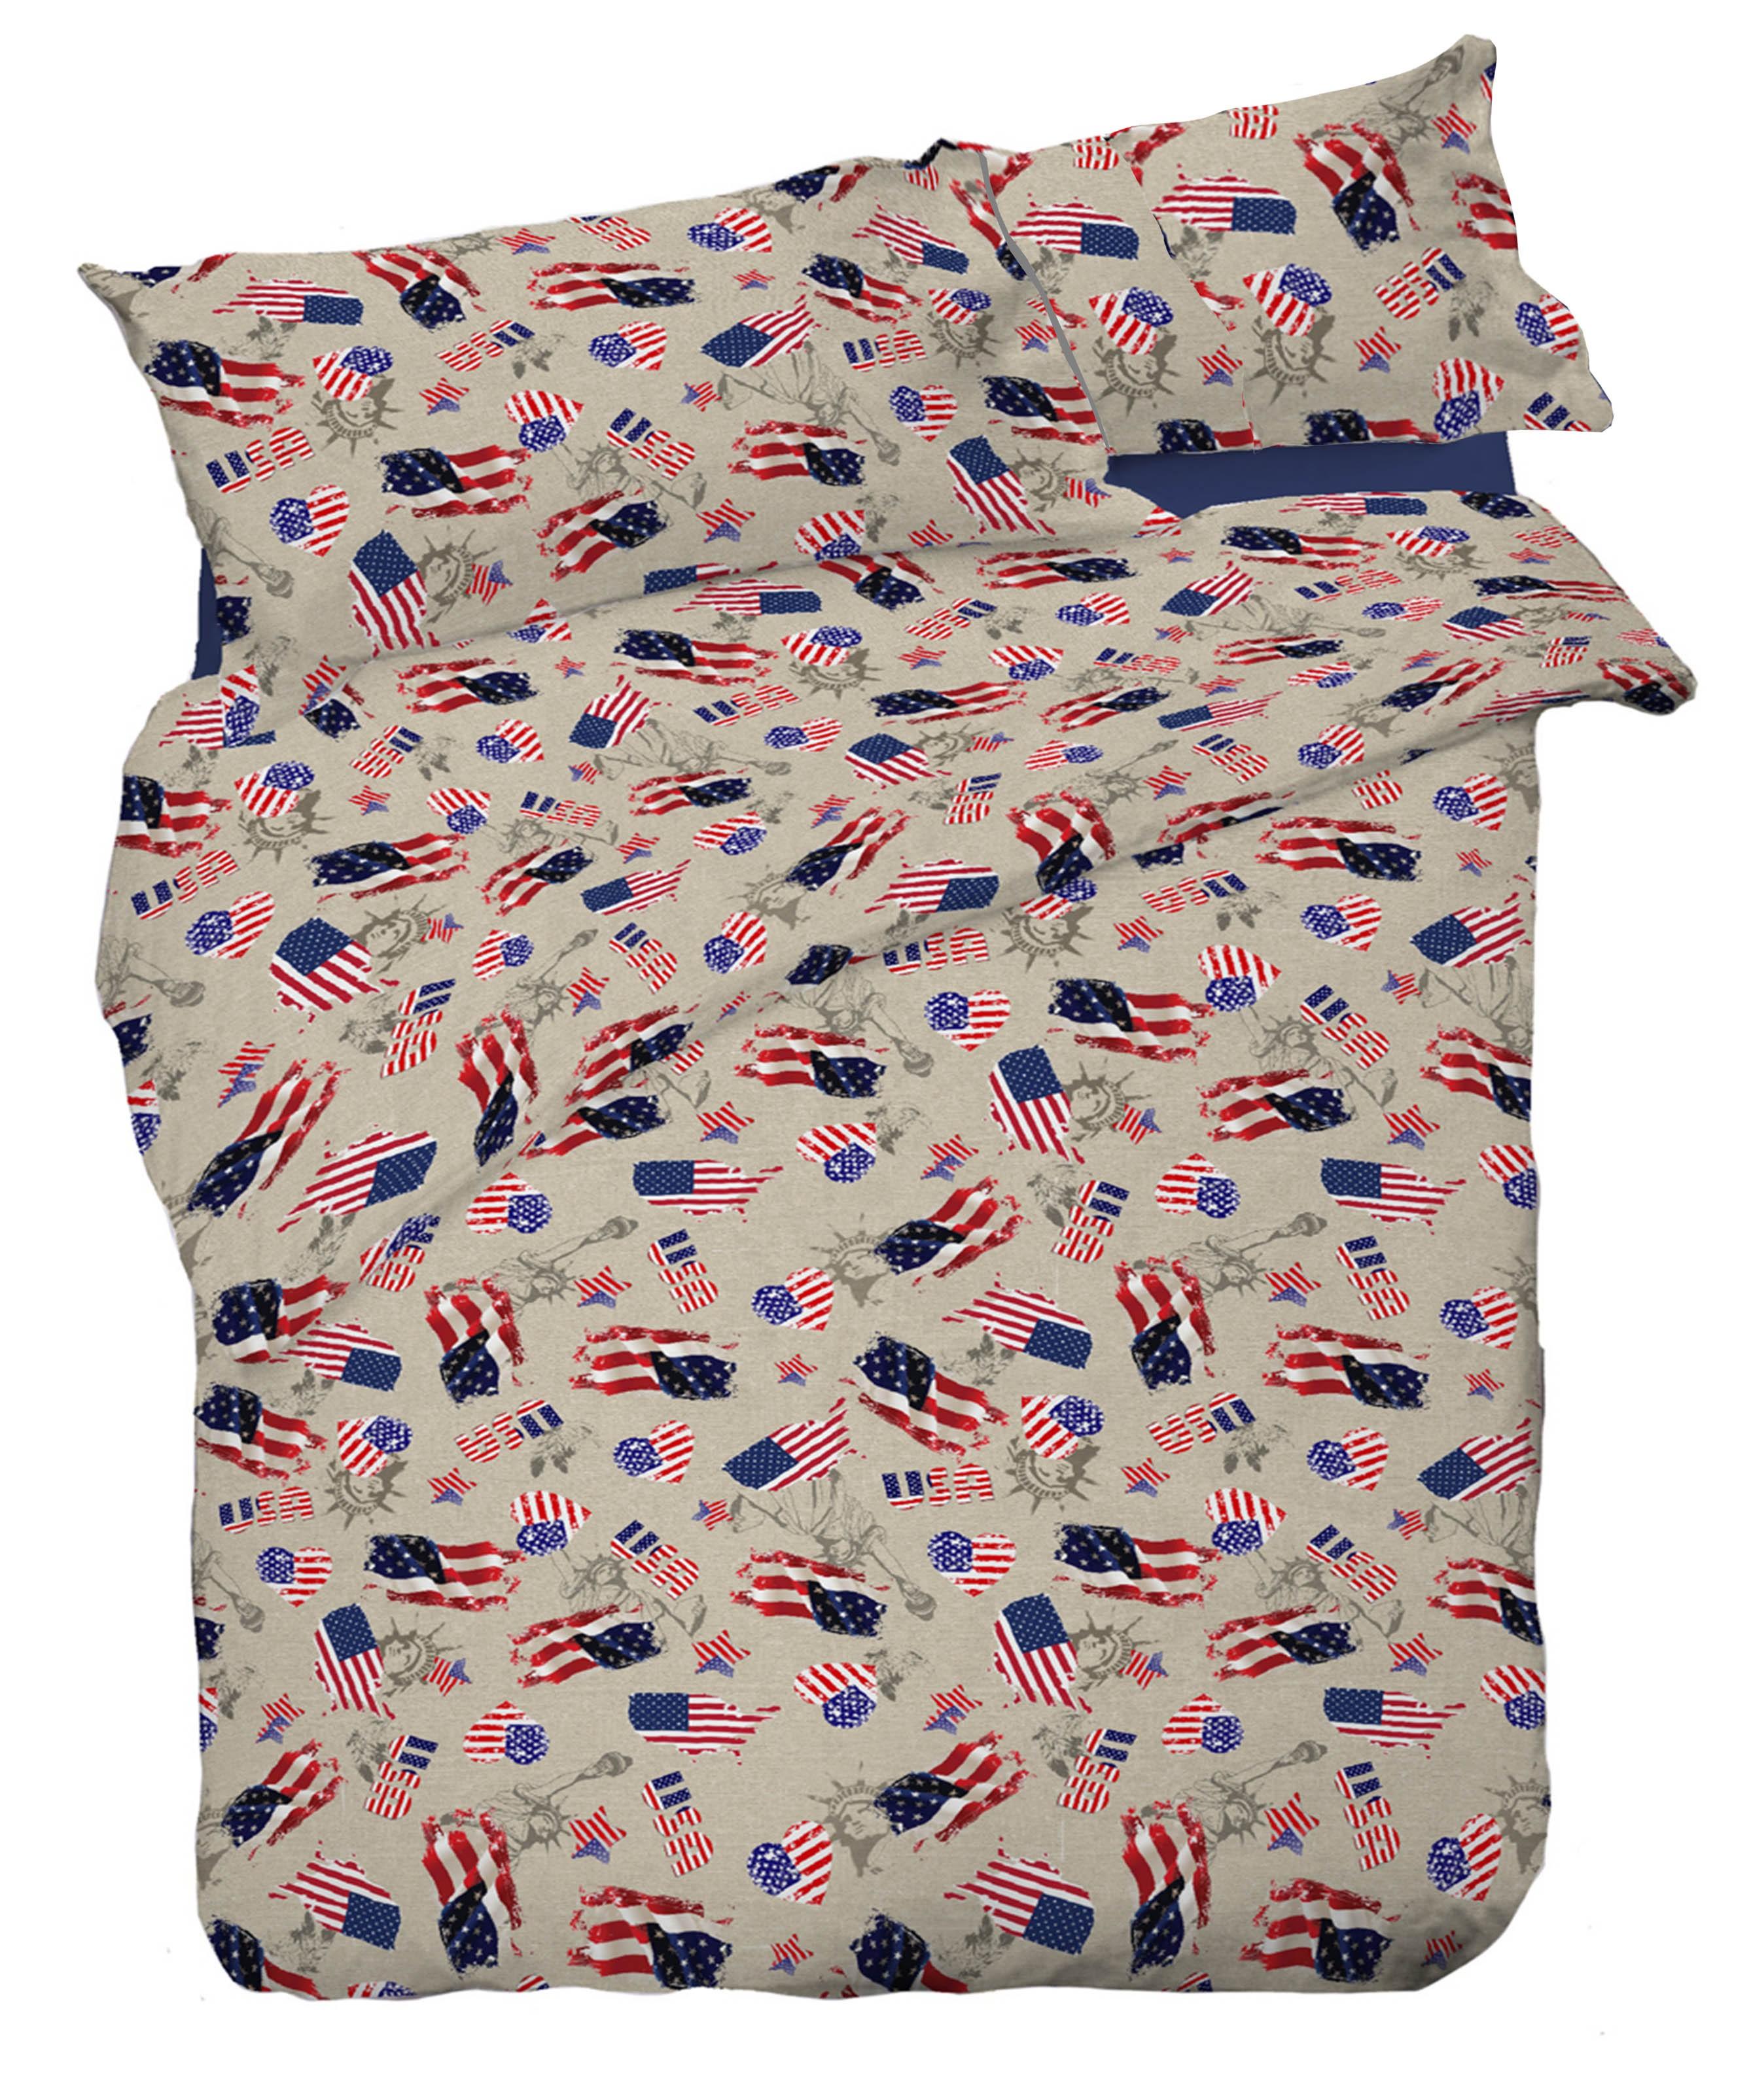 Copripiumino America.Copripiumino Bandiera America Americana Dis Flag Misura Singolo 1